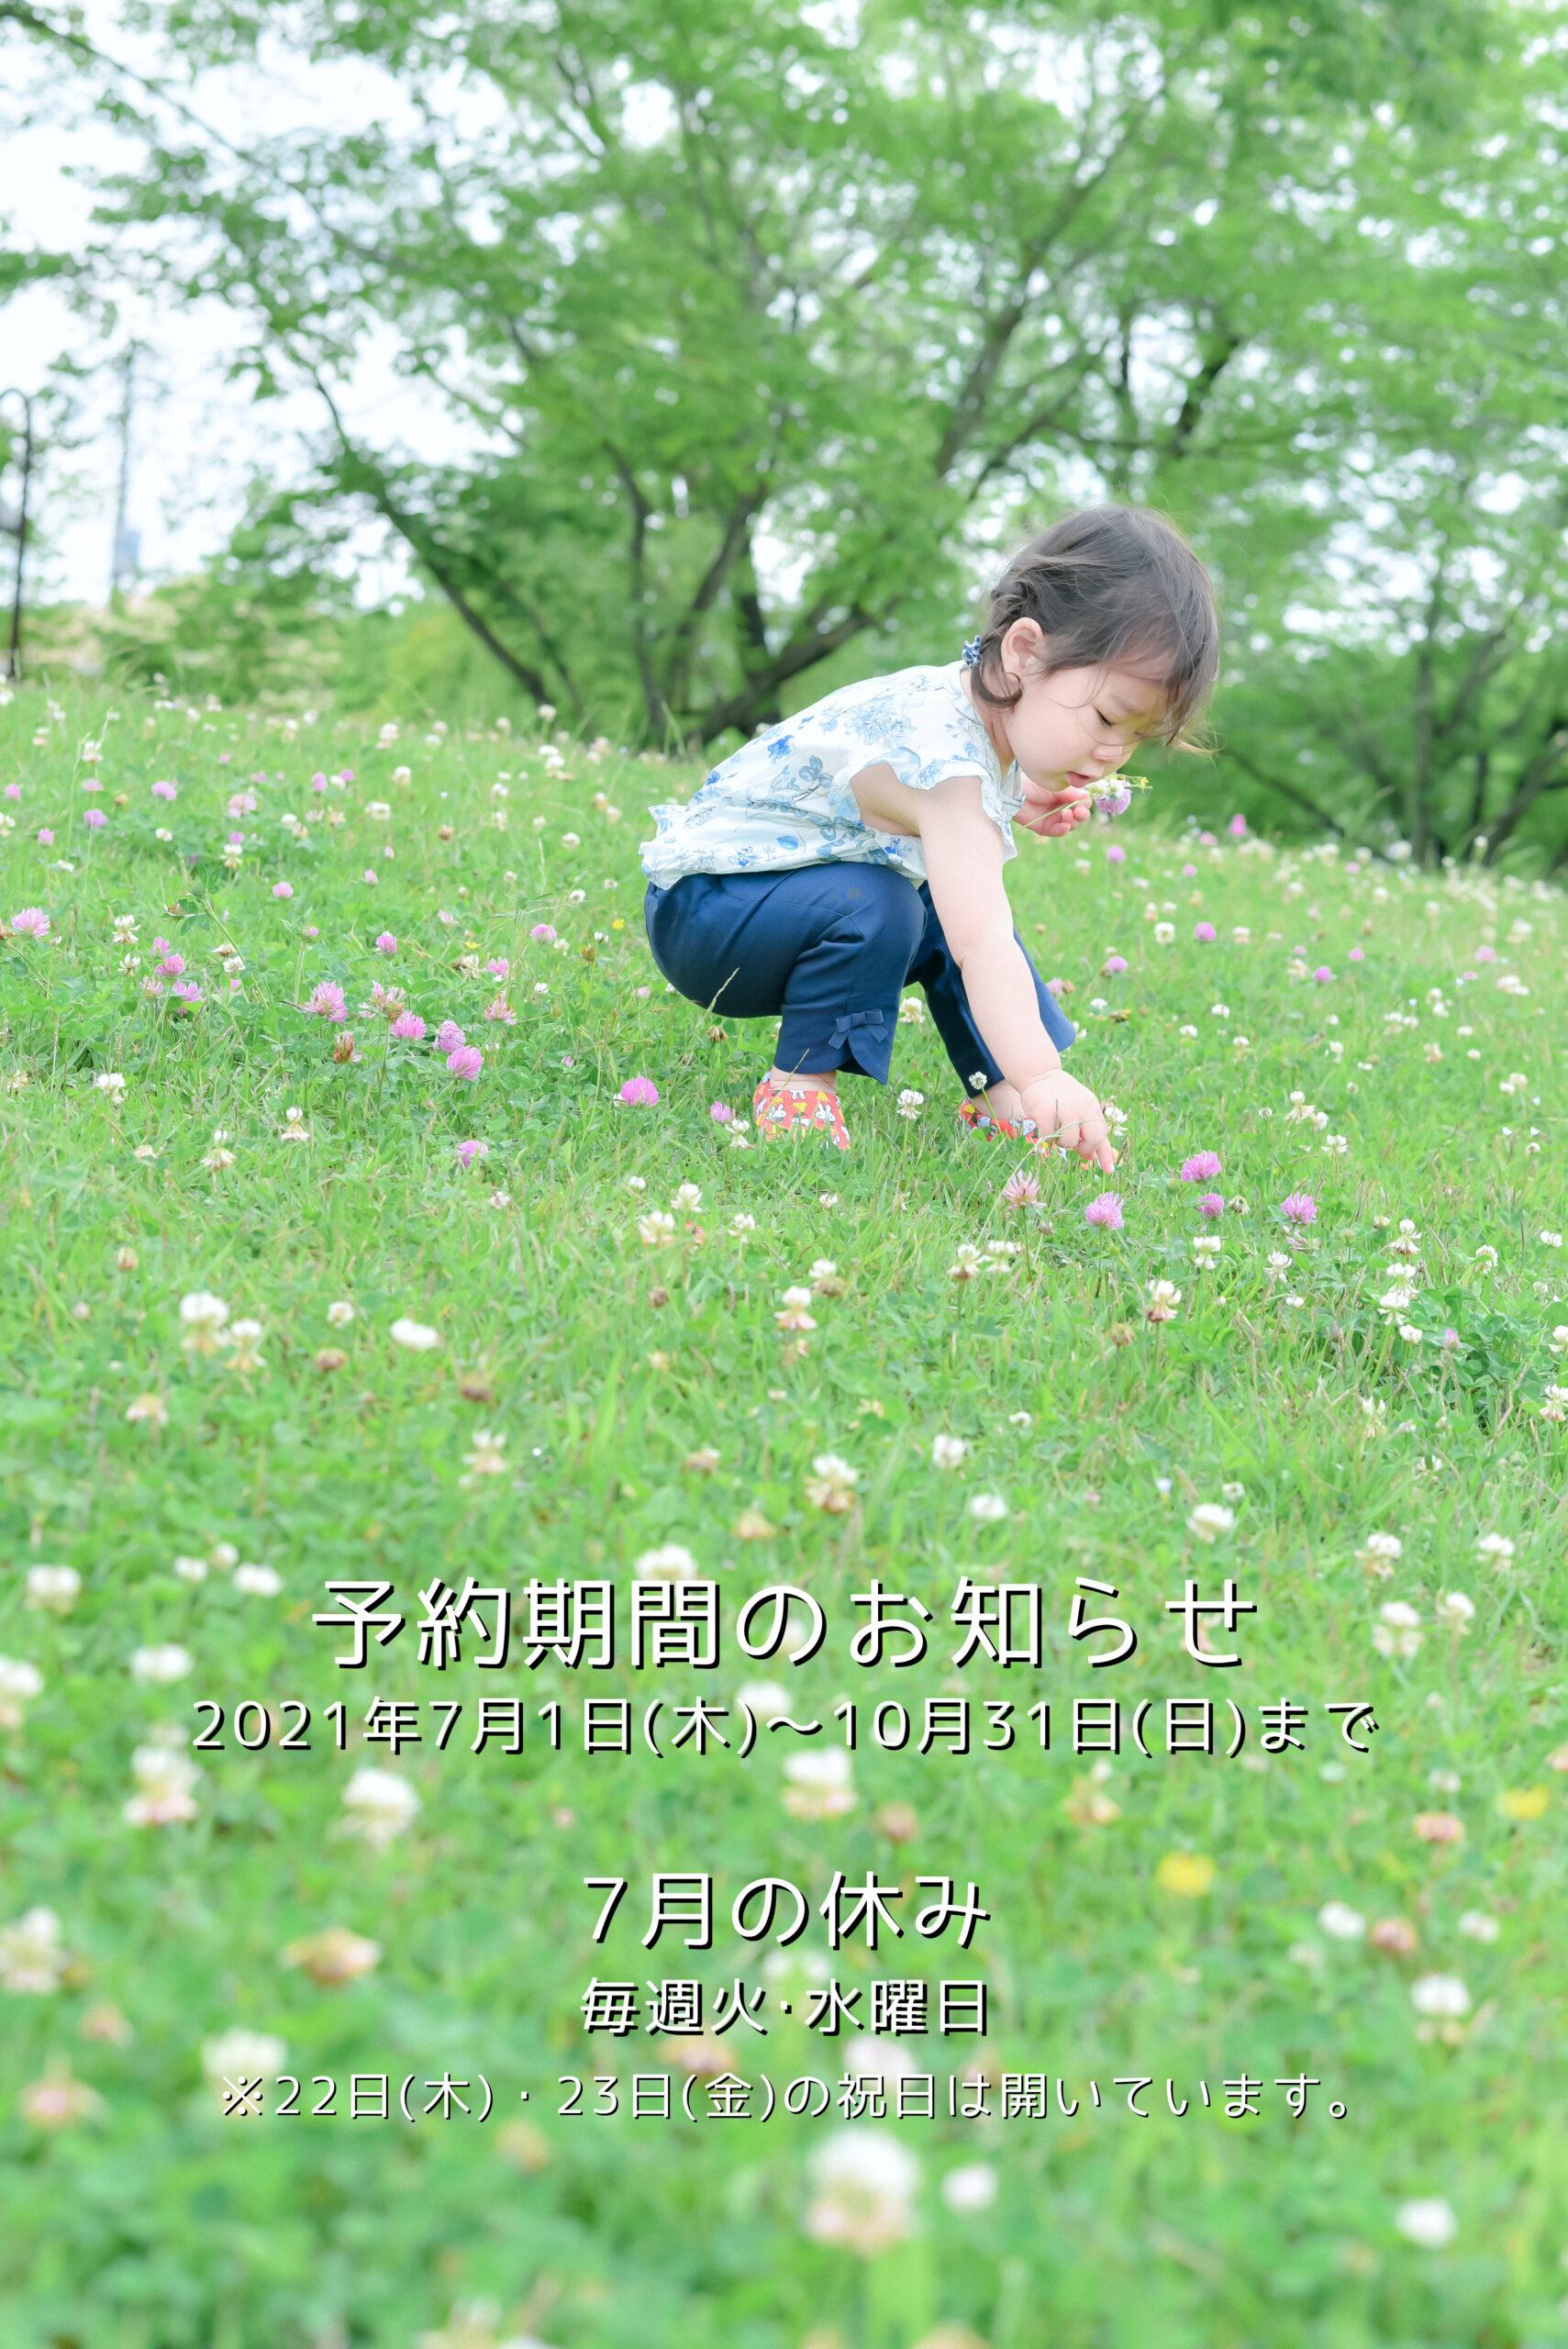 宇都宮フォトスタジオ フォトジェニックサクラスタジオ バースデーフォト 2歳お誕生日おめでとう 公園でお花摘み